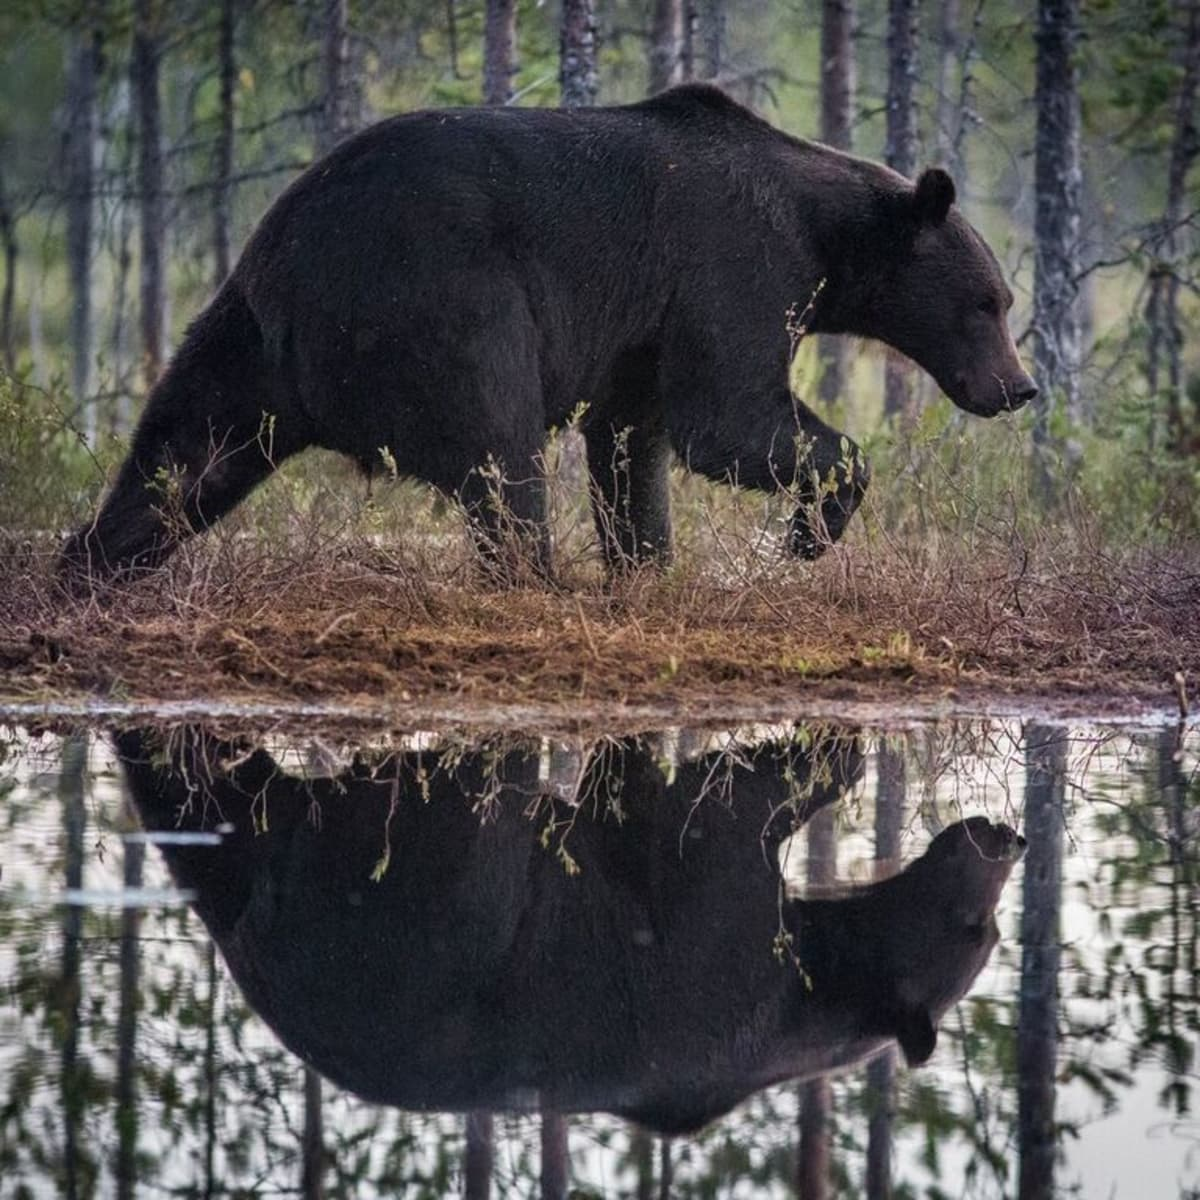 Karhu kävelee veden äärellä ja heijastuu veteen